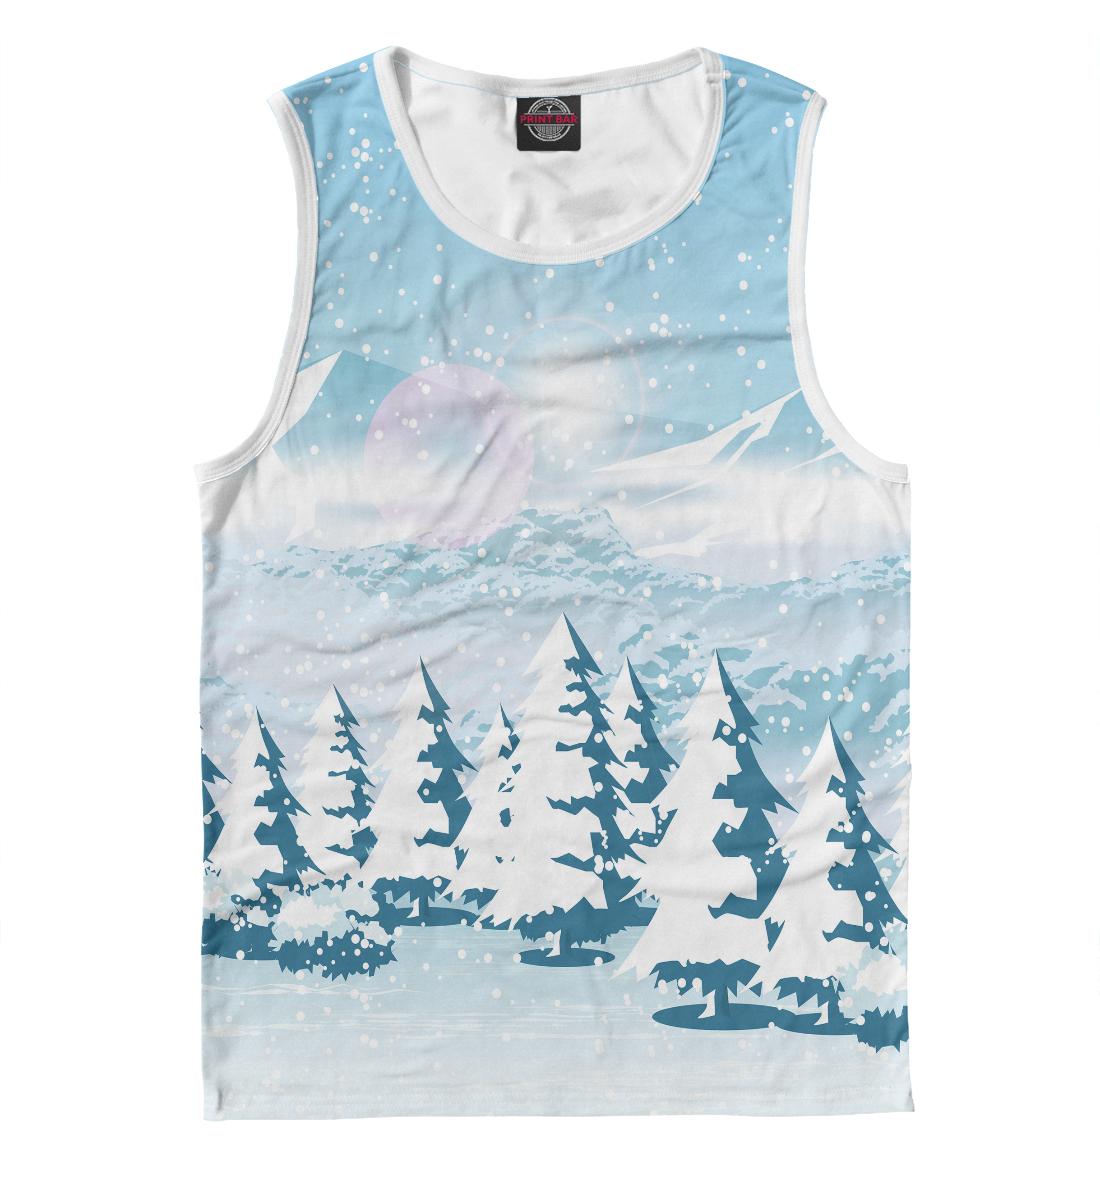 Купить Зимний пейзаж, Printbar, Майки, PEY-100044-may-2